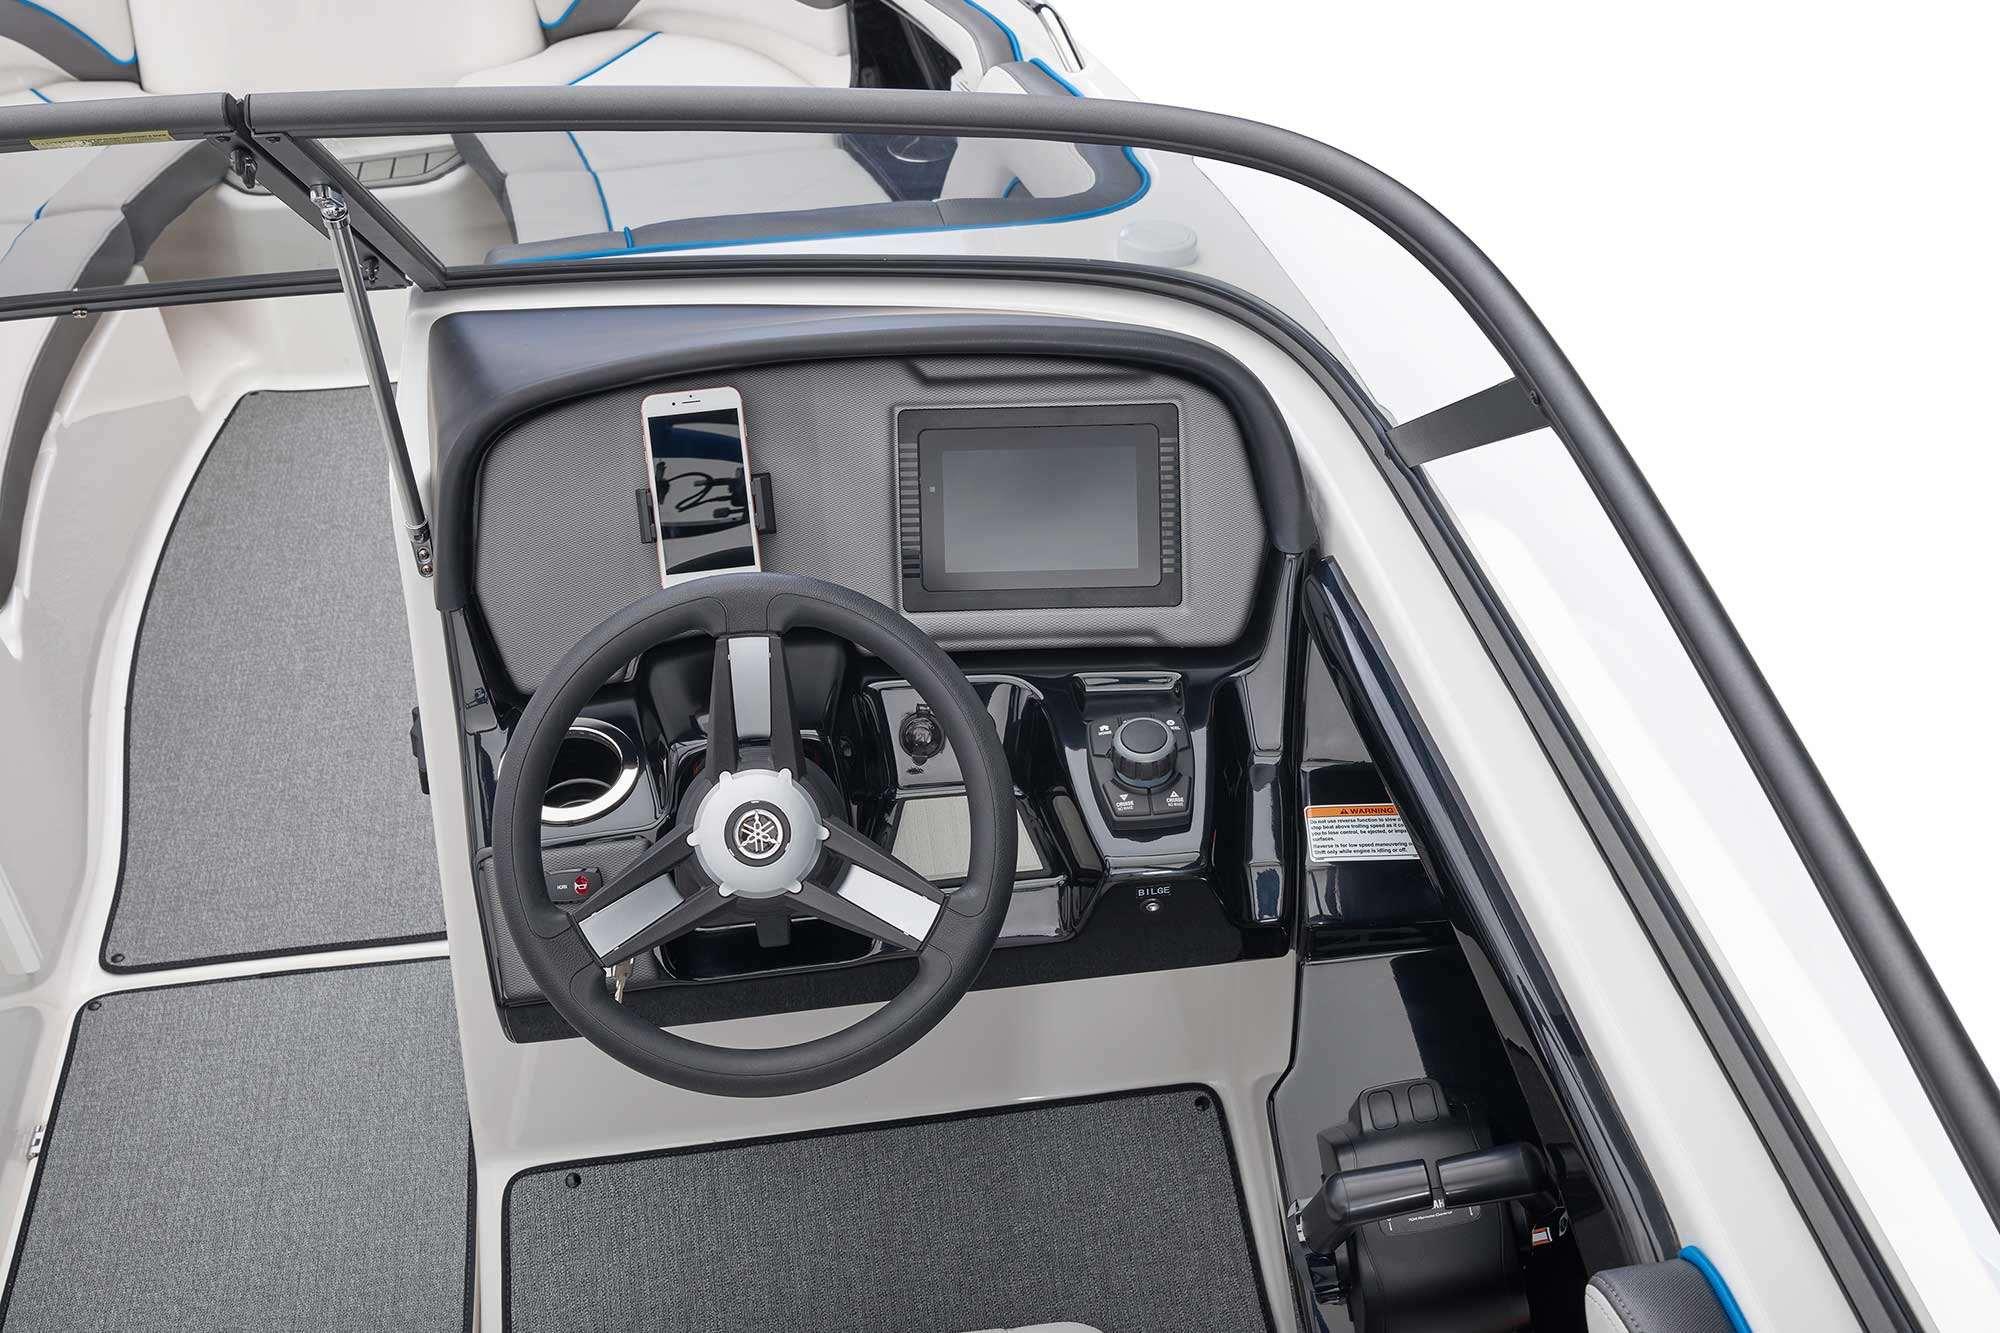 Yamaha AR240 - 2061afb1-58ce-45ad-96a9-8bbbc45c259c